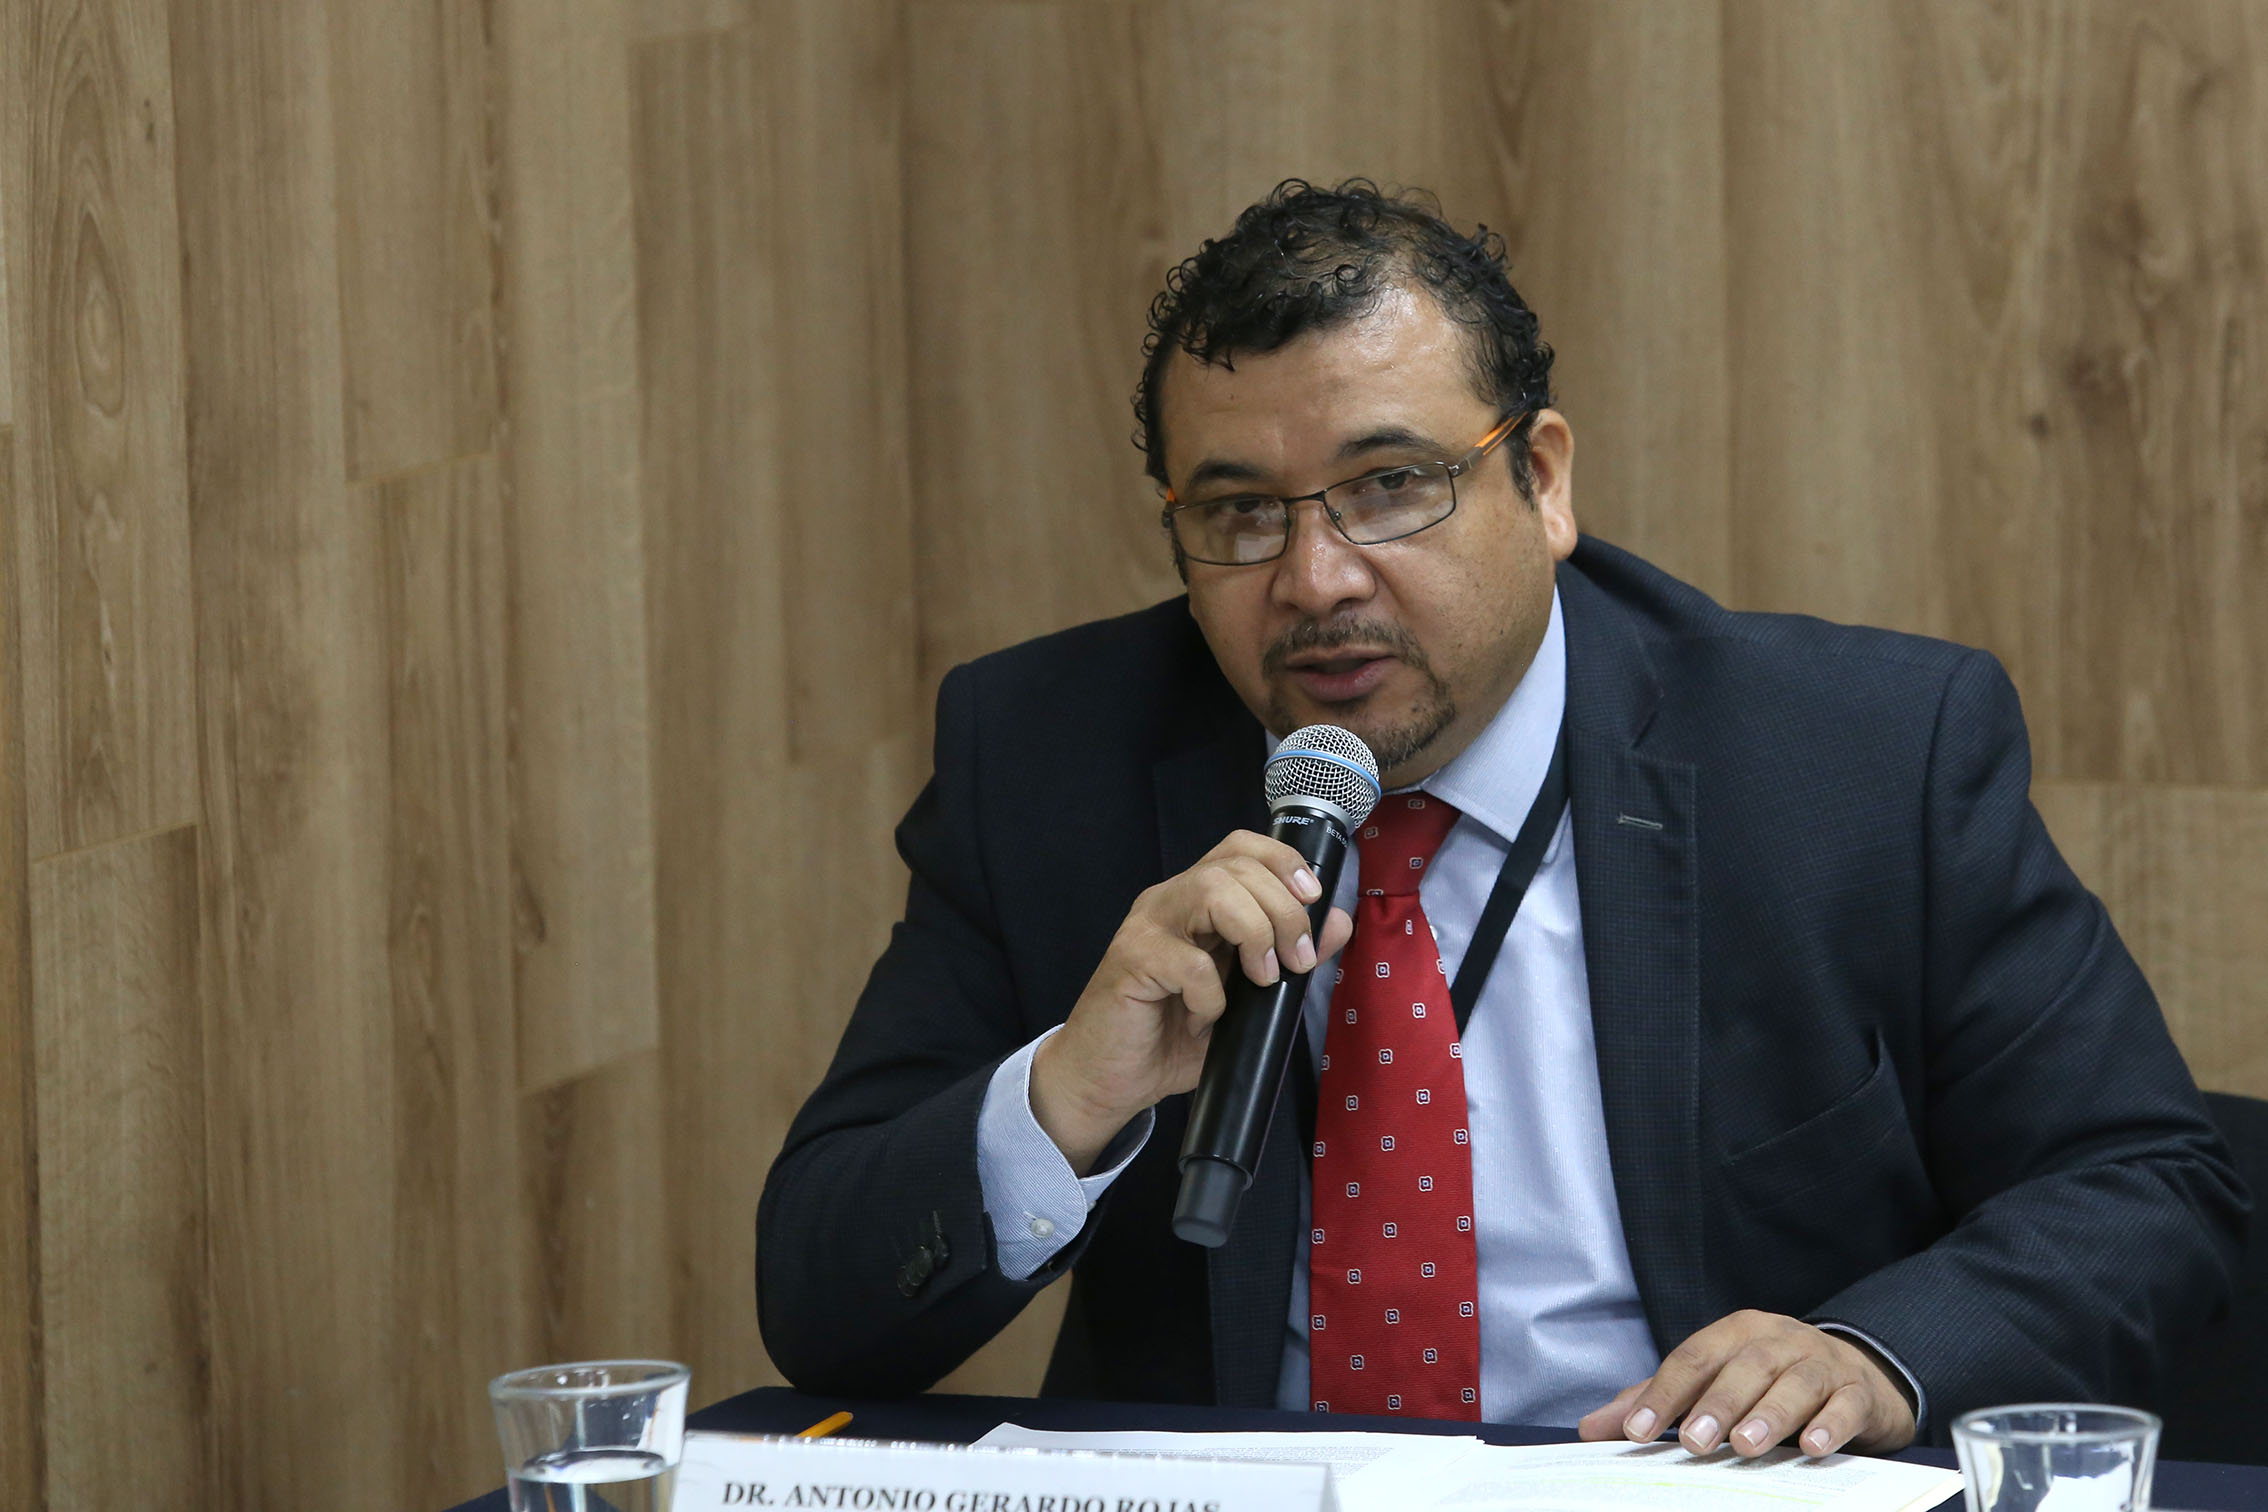 El doctor Antonio Gerardo Rojas Sánchez hablando durante la rueda de prensa